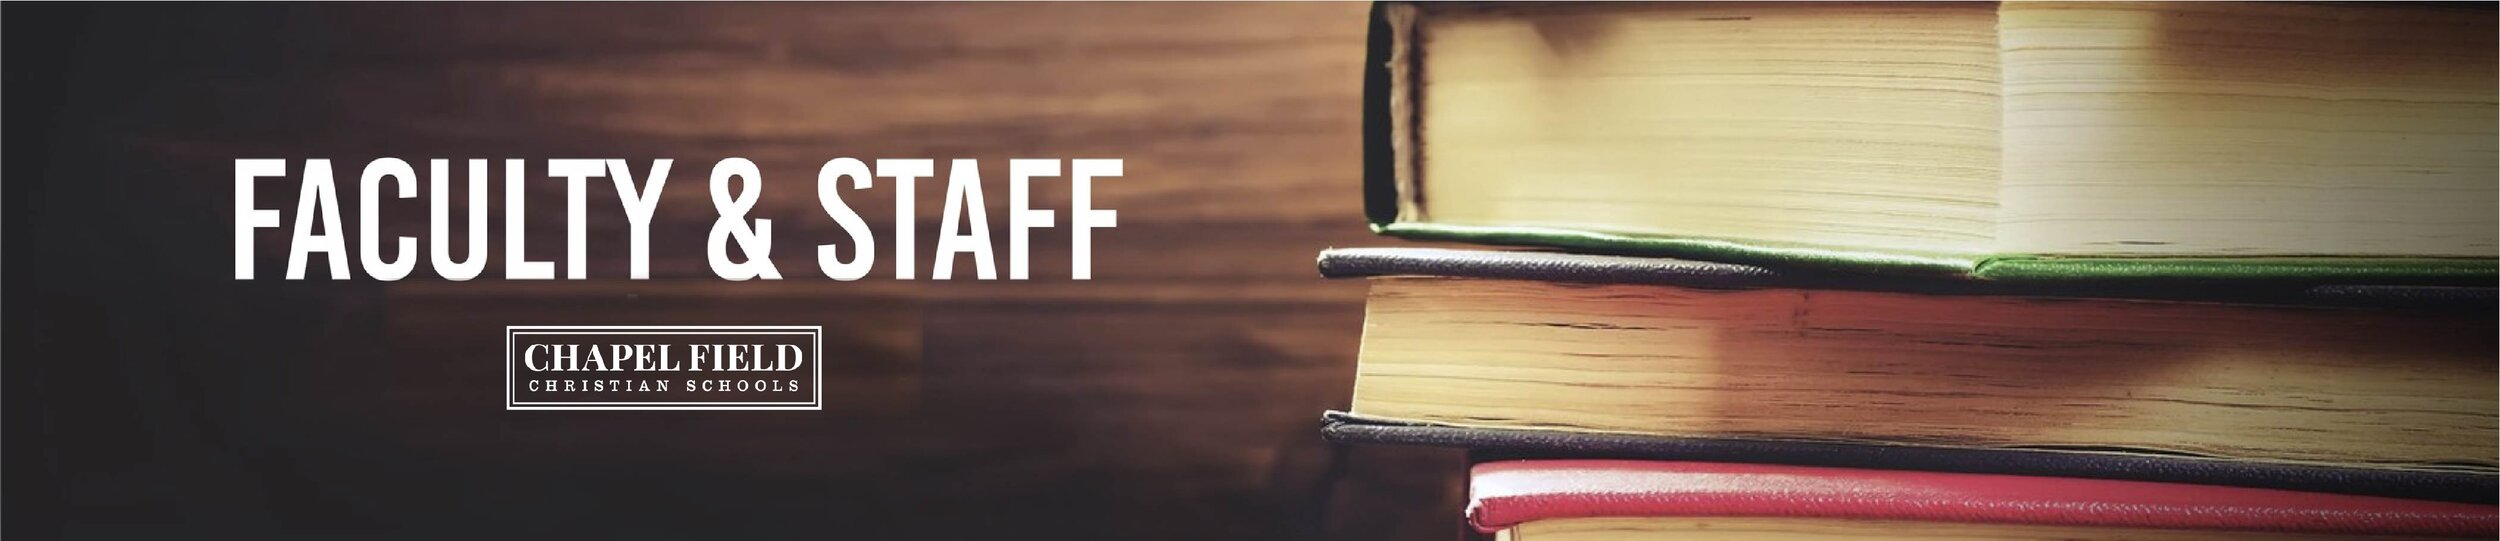 facstaff + banner-2-01.jpg